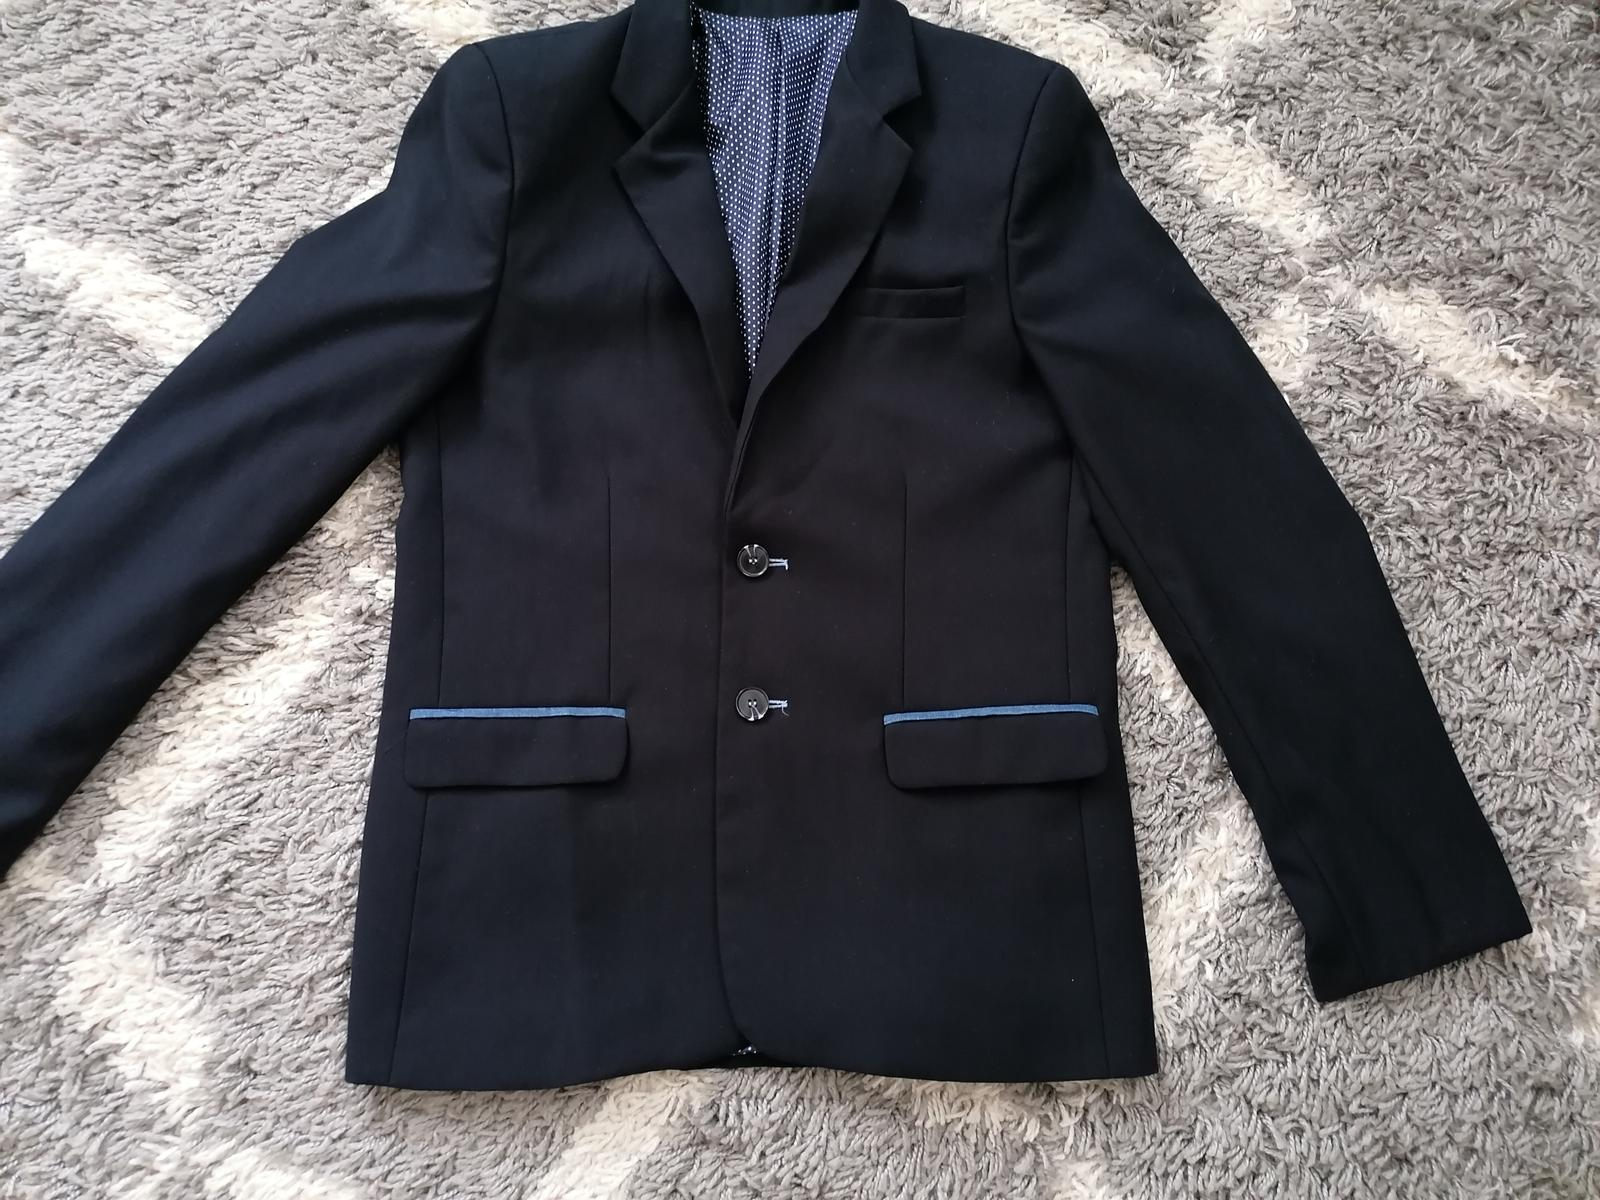 Tmavomodrý oblek  - Obrázok č. 2